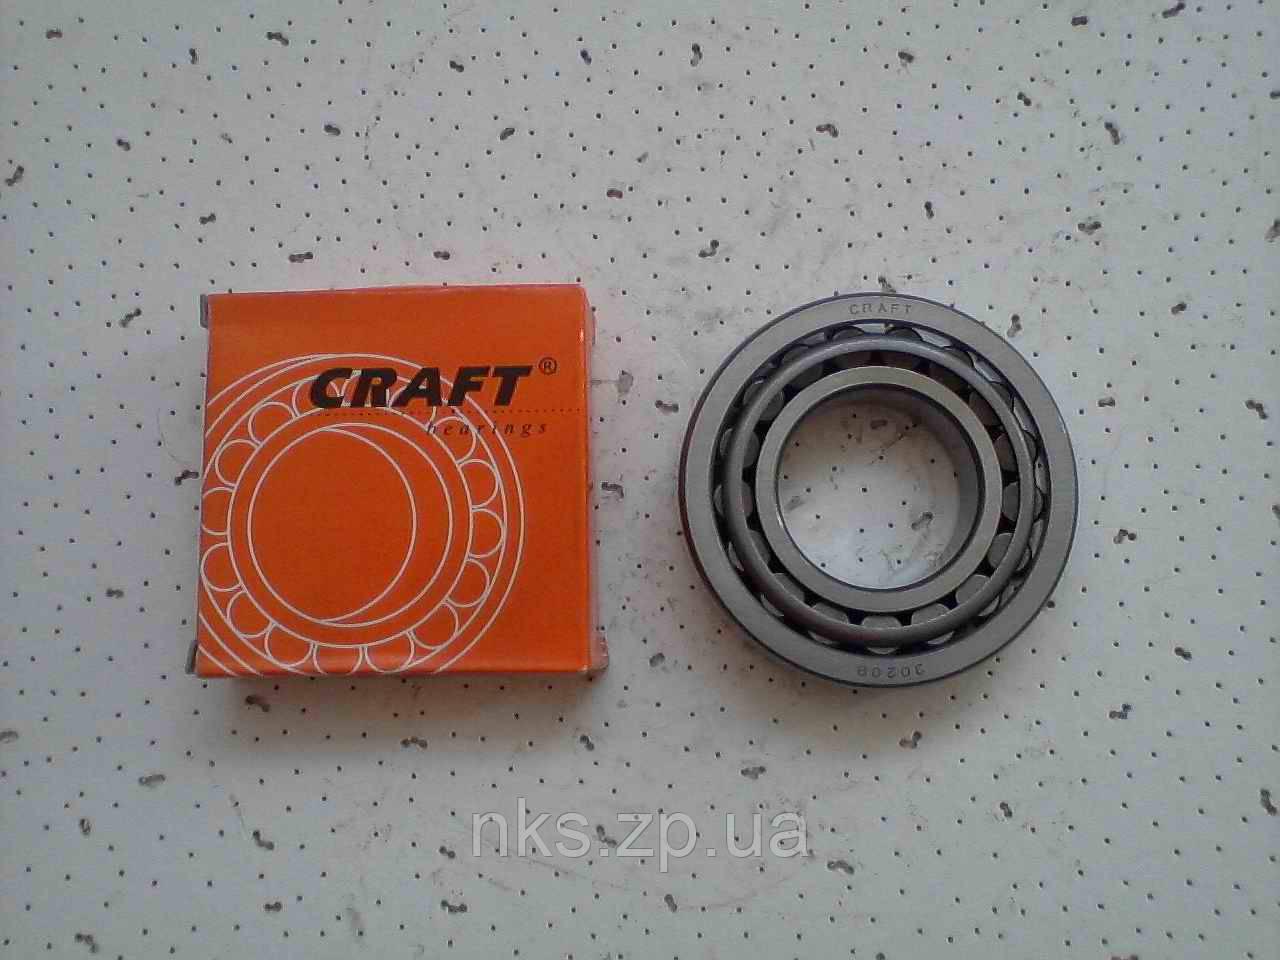 """Подшипник 7208 (30208) """"Craft""""."""